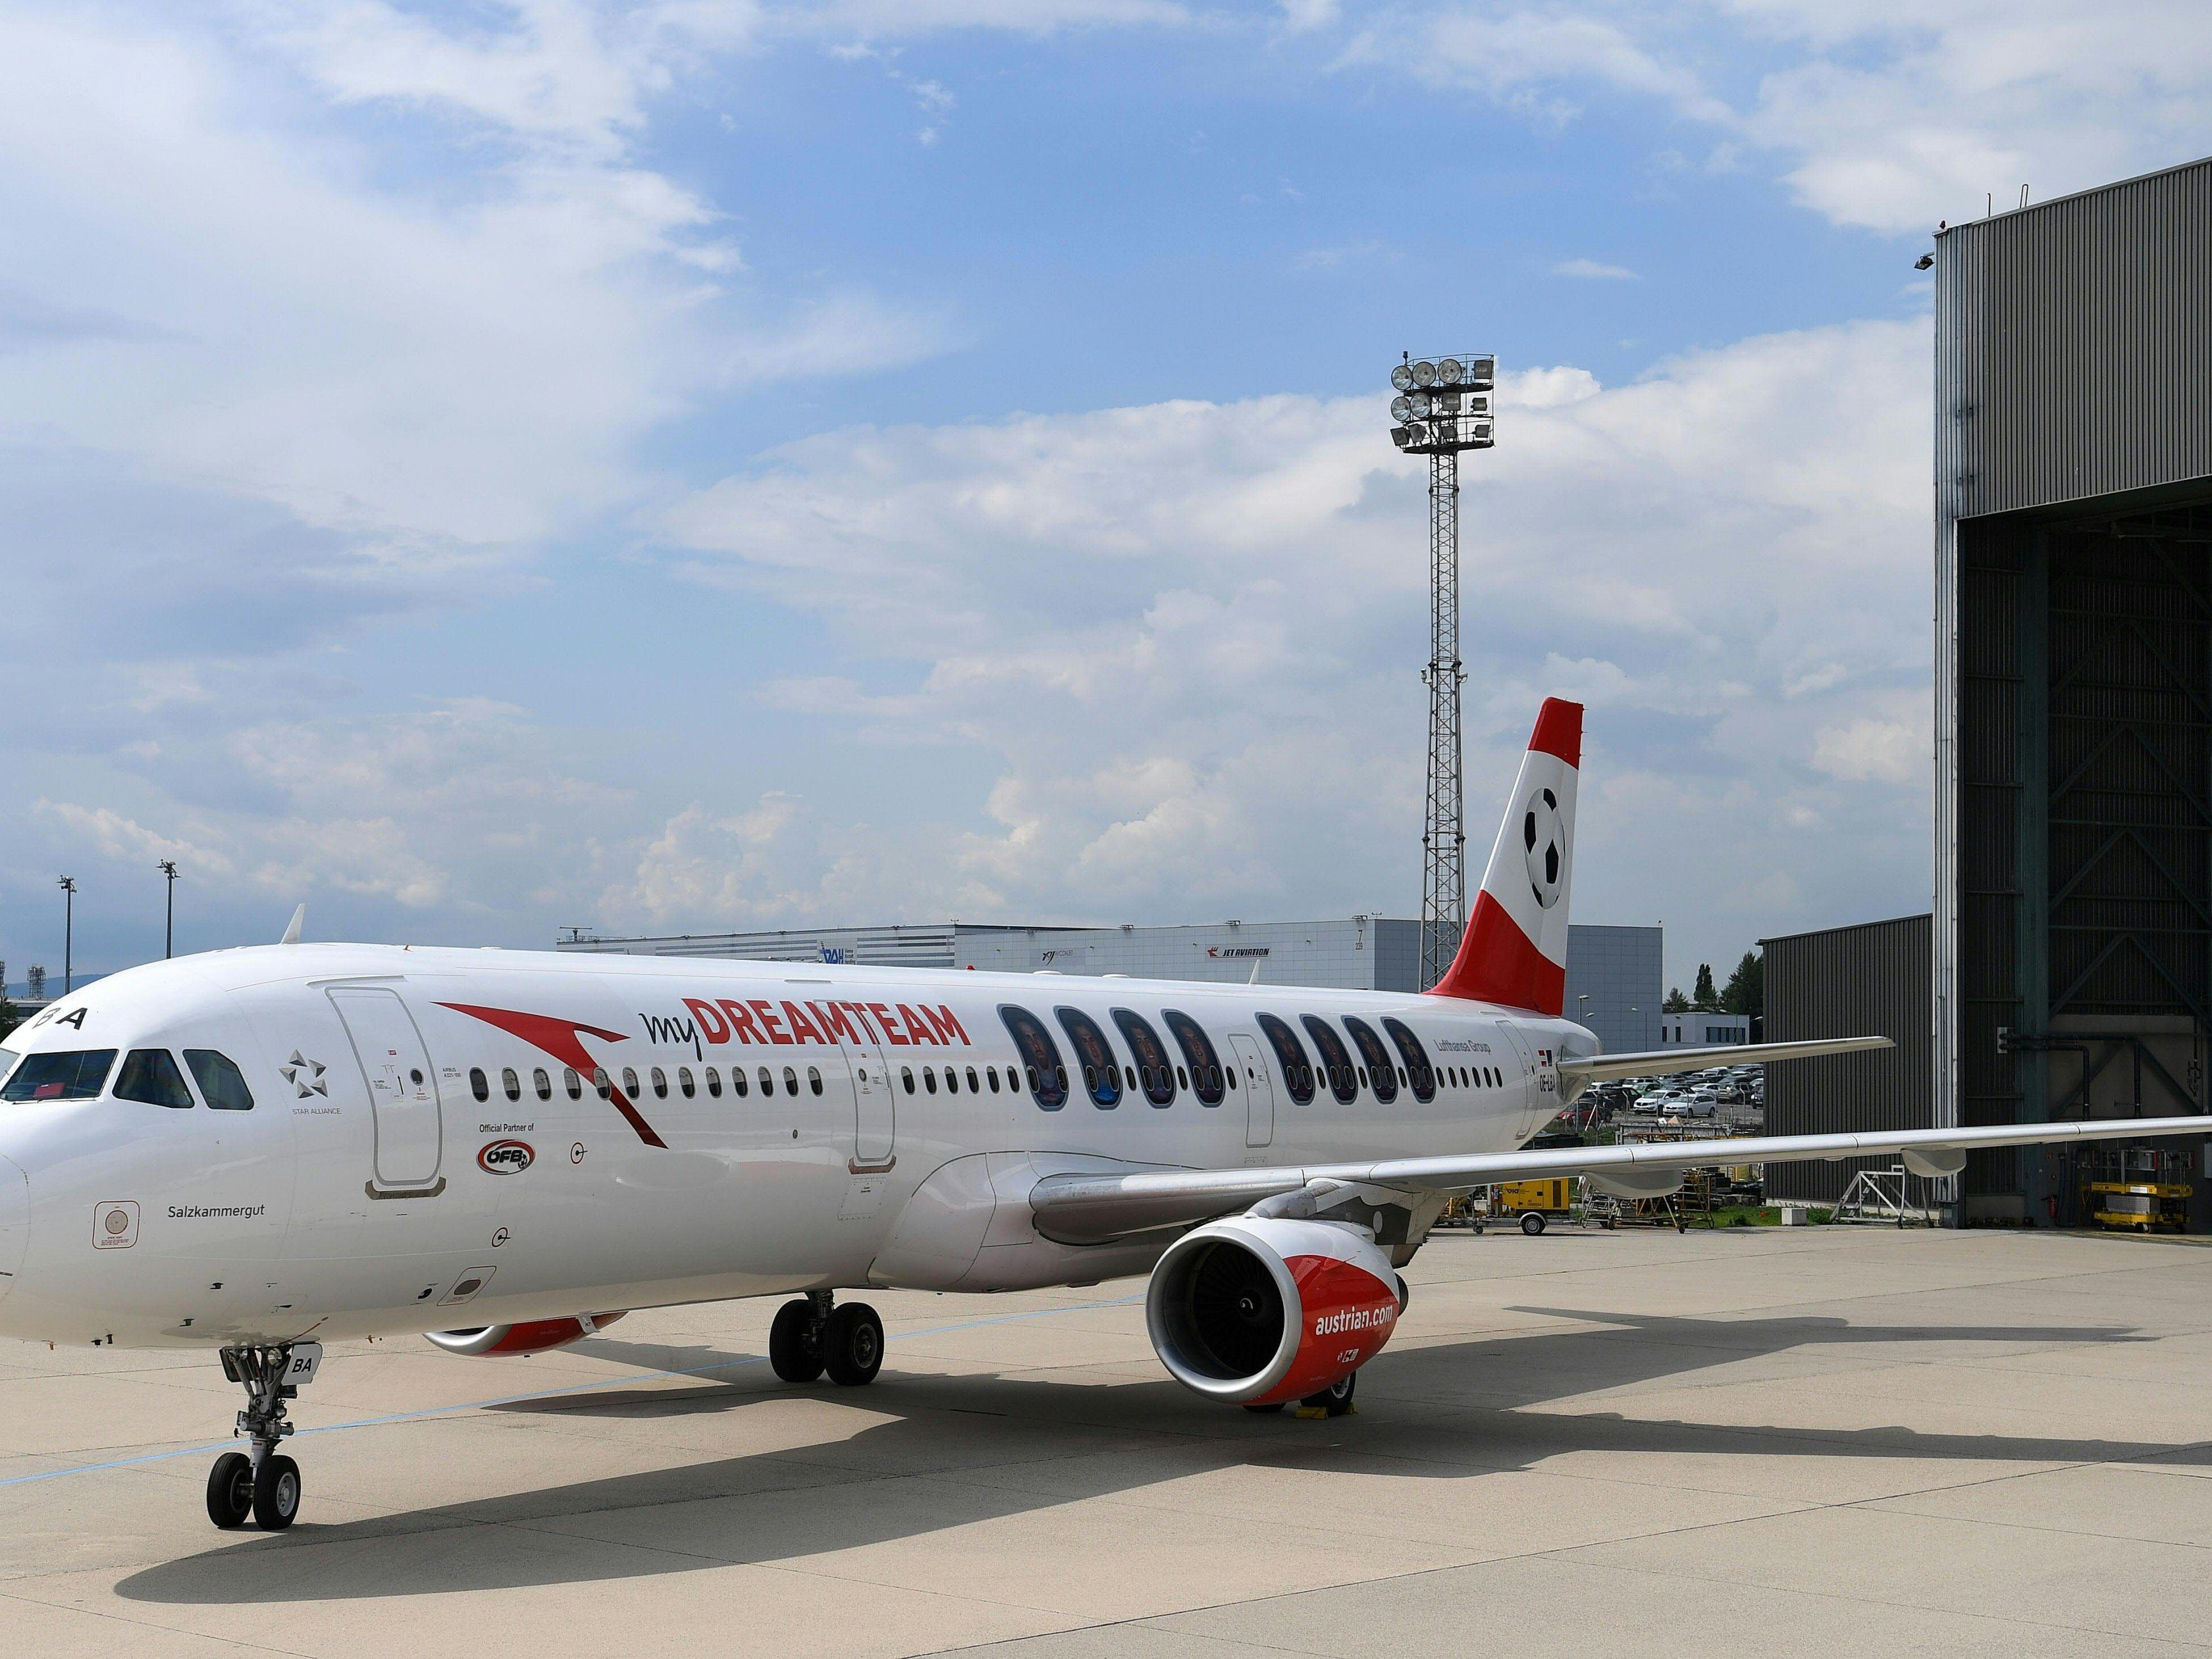 Aua Strich Flüge In Die Türkei 12 Flugverbindungen Fallen Aus